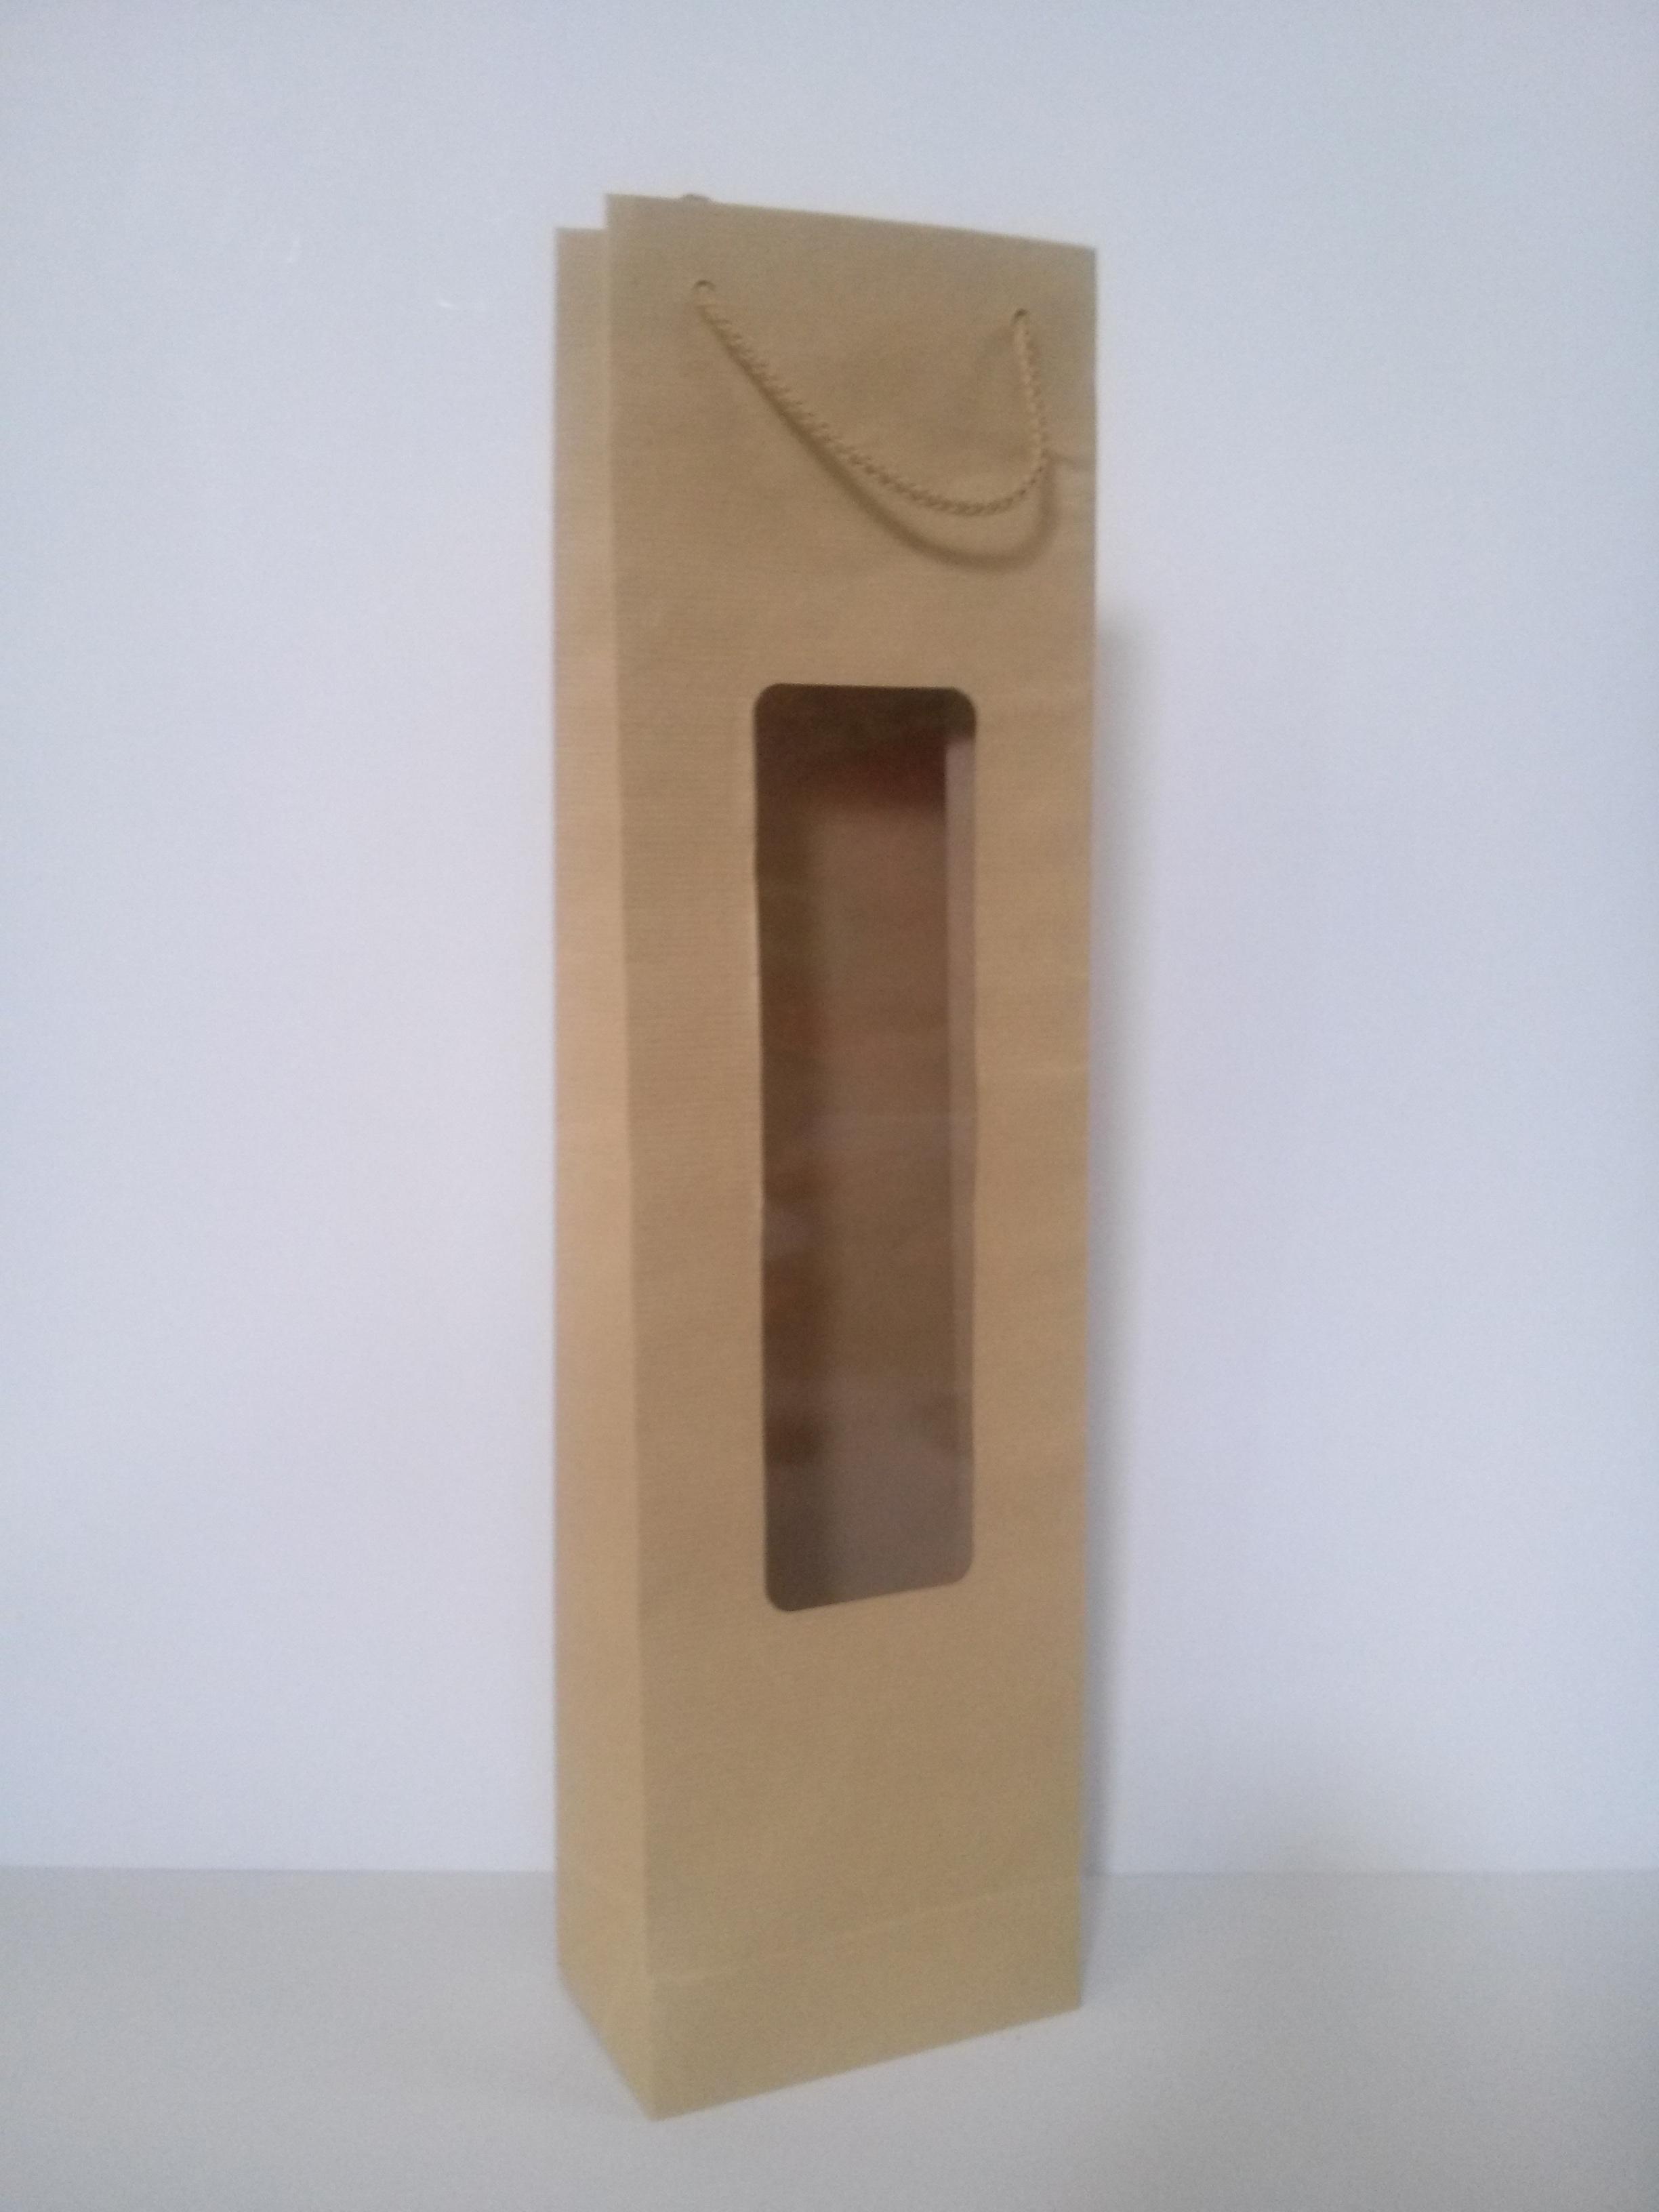 κραφτ με κορδόνι και παράθυρο Image